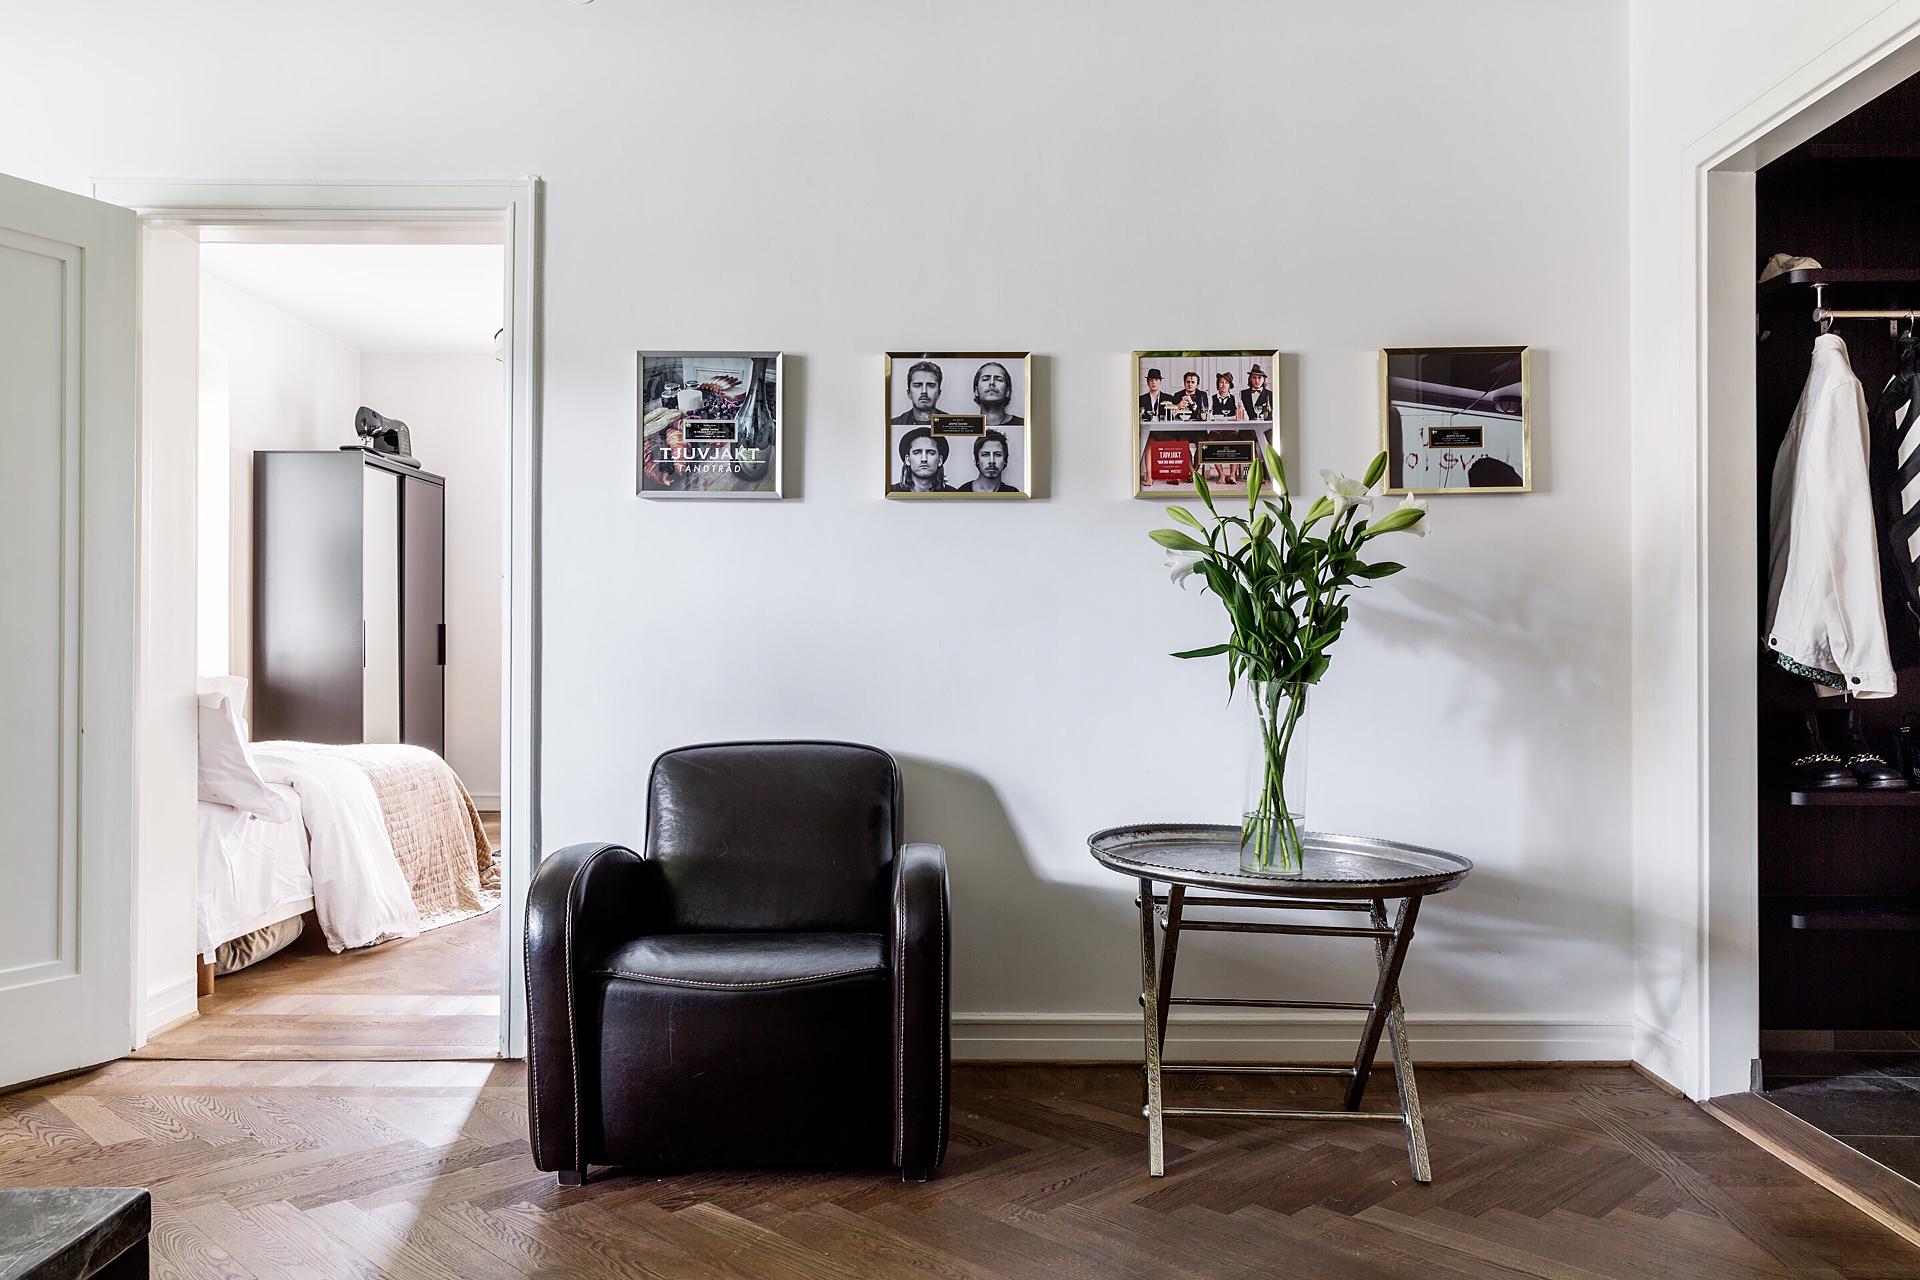 гостиная кресло столик ваза цветы картинки белые стены